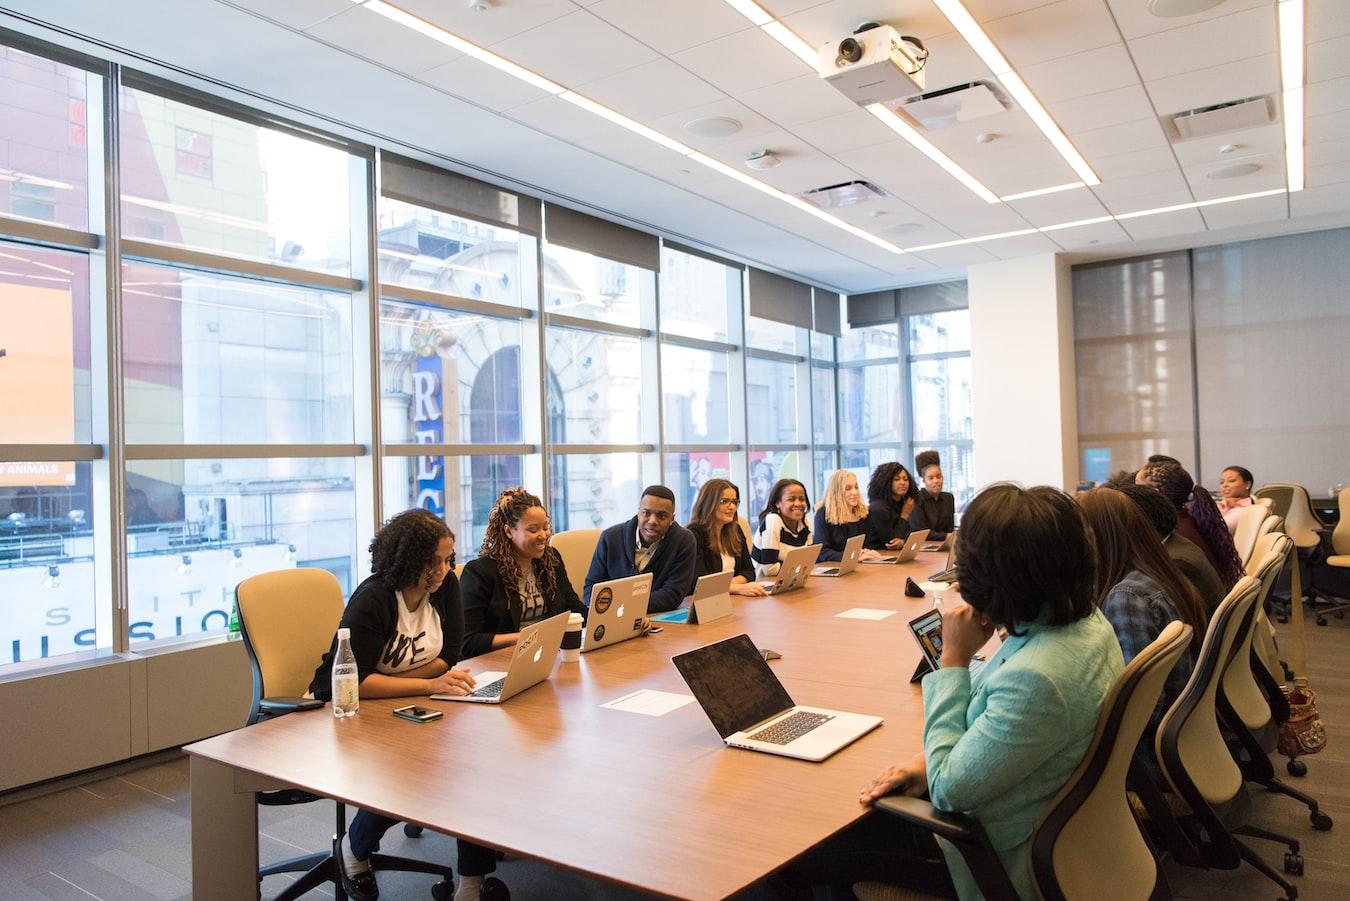 A busy boardroom